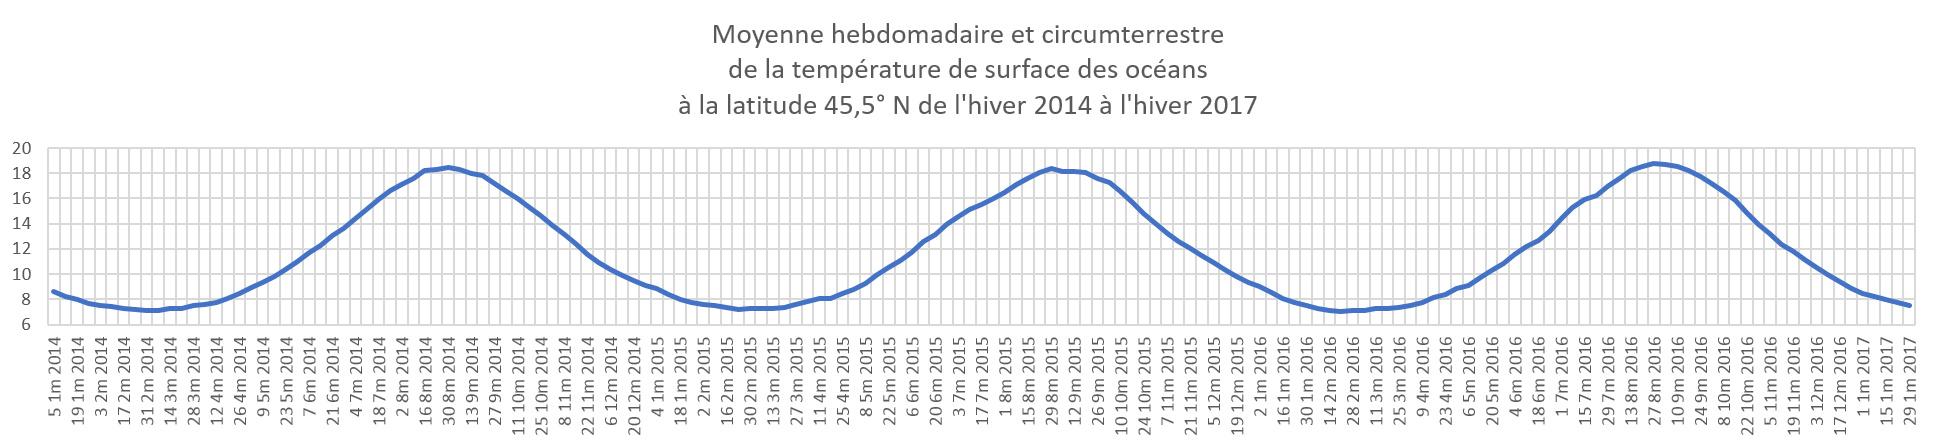 Moyenne hebdomadaire et circumterrestre de la température de surface des océans à la latitude 45,5° N, de 2014 à 2017